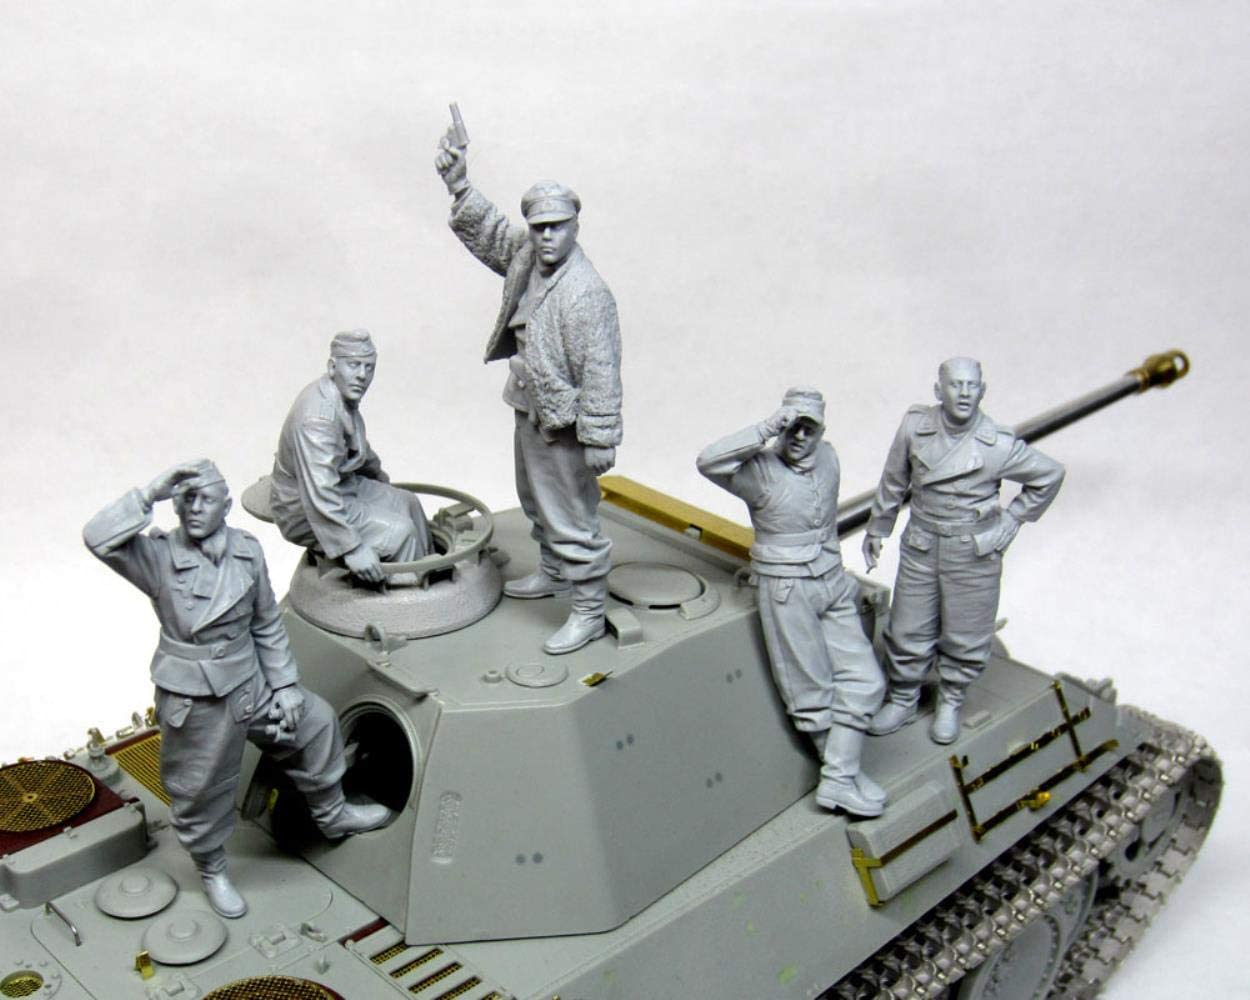 XINGCHANG 1//35 Tank Crew Antico Grande Set Giocattolo Modello in Resina Figura in Resina in Miniatura Smontaggio Non Verniciato 5 Man No Tank